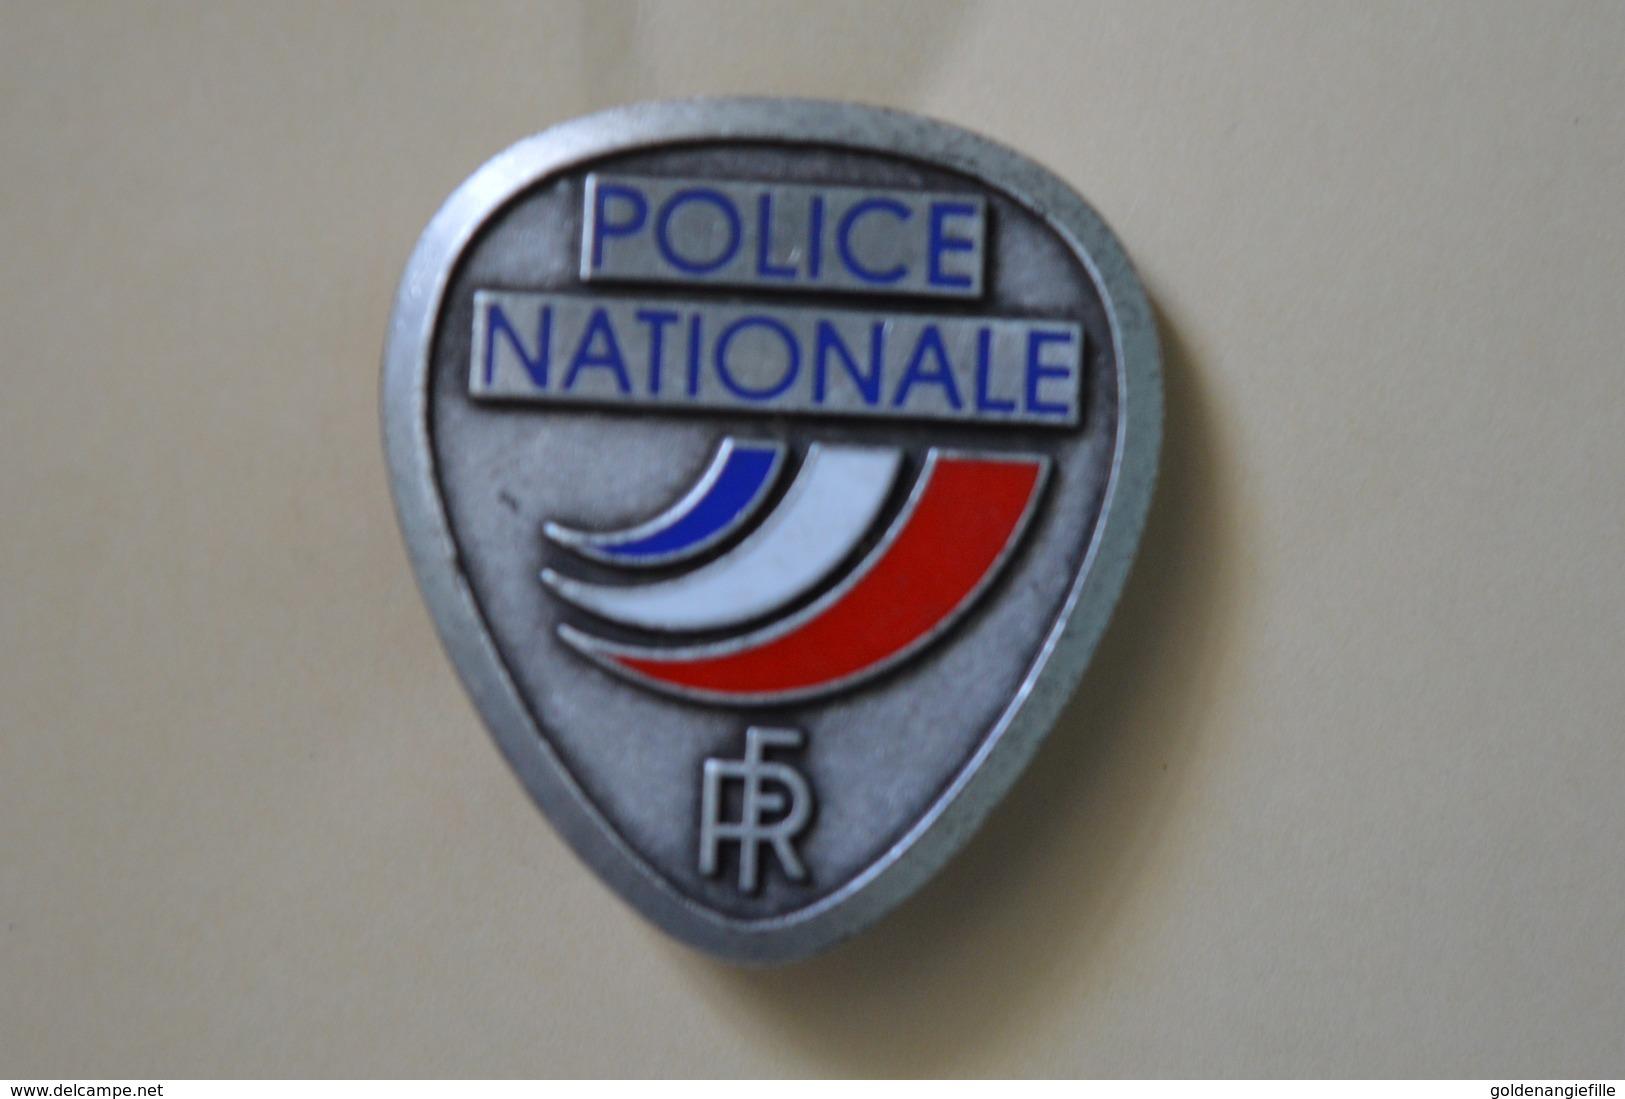 Police Nationale ----- Insigne Métal De Casquette ----- Occasion ----- Pour Collection Et Collectionneur - Police